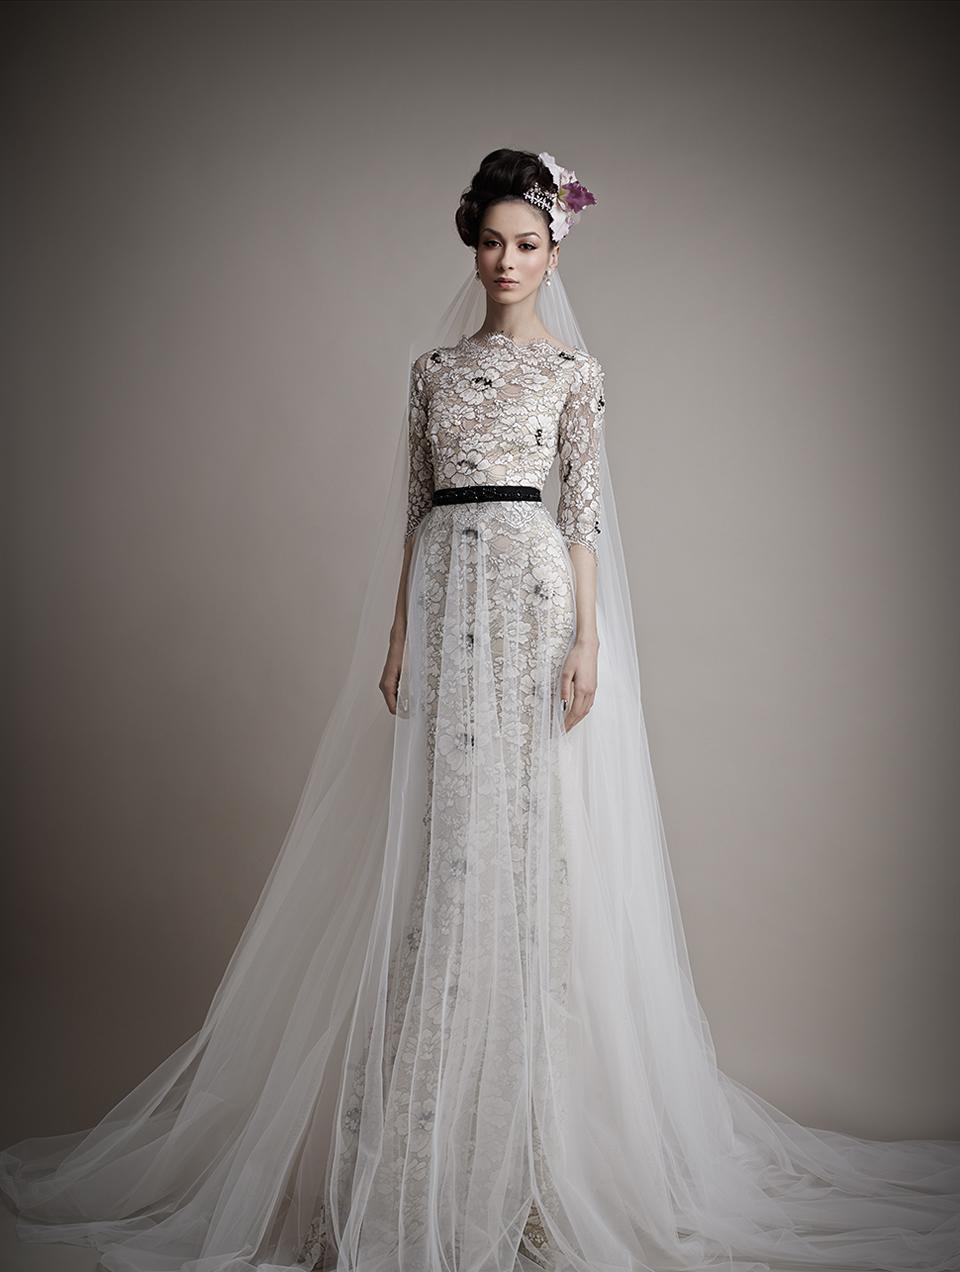 Коллекция свадебных платьев 2015 года от Ersa Atelier10